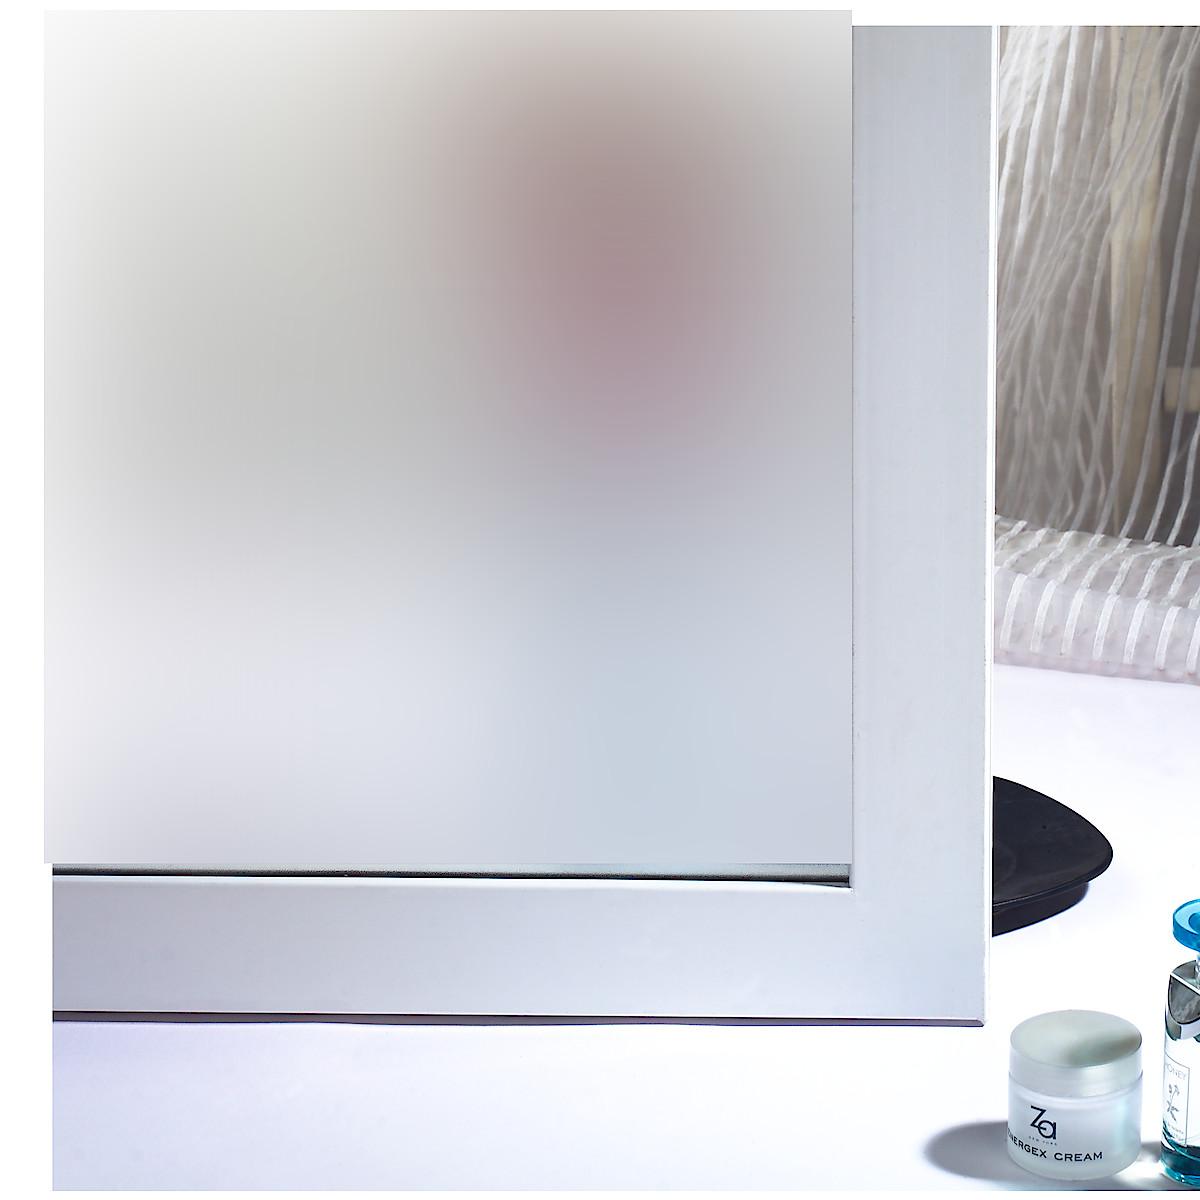 Full Size of Fenster Sichtschutzfolie Badfenster Obi Sichtschutzfolien Aussen Einseitig Durchsichtig Bauhaus Fensterfolie Bad Innen Anbringen Schweiz Sicherheitsfolie Test Fenster Fenster Sichtschutzfolie